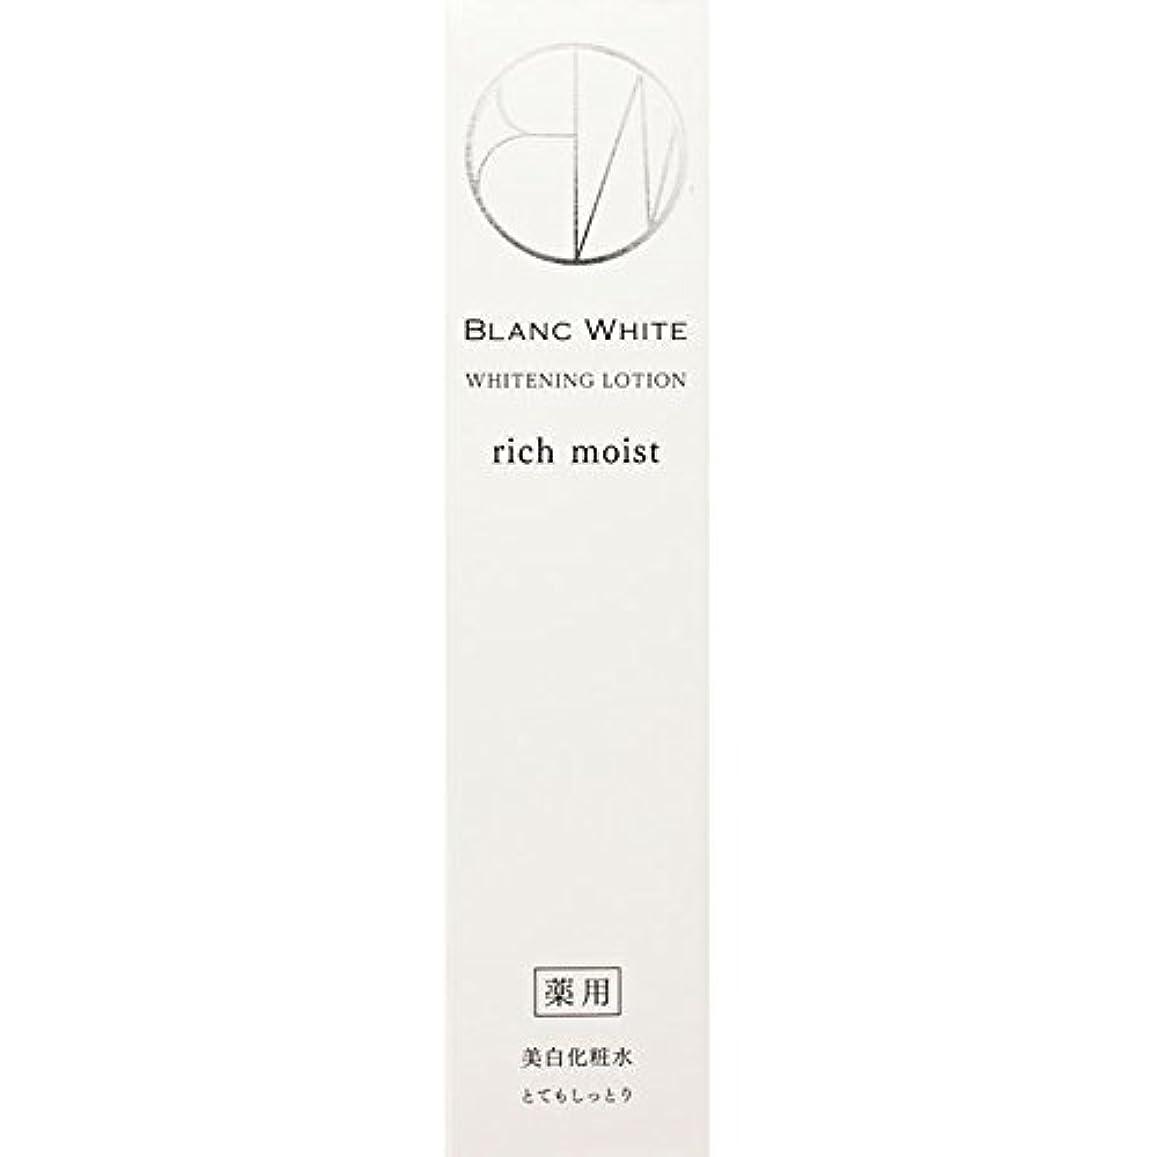 優遇元の航空会社ナリス化粧品 ブランホワイト ホワイトニングローション リッチモイスト 160ml (医薬部外品)